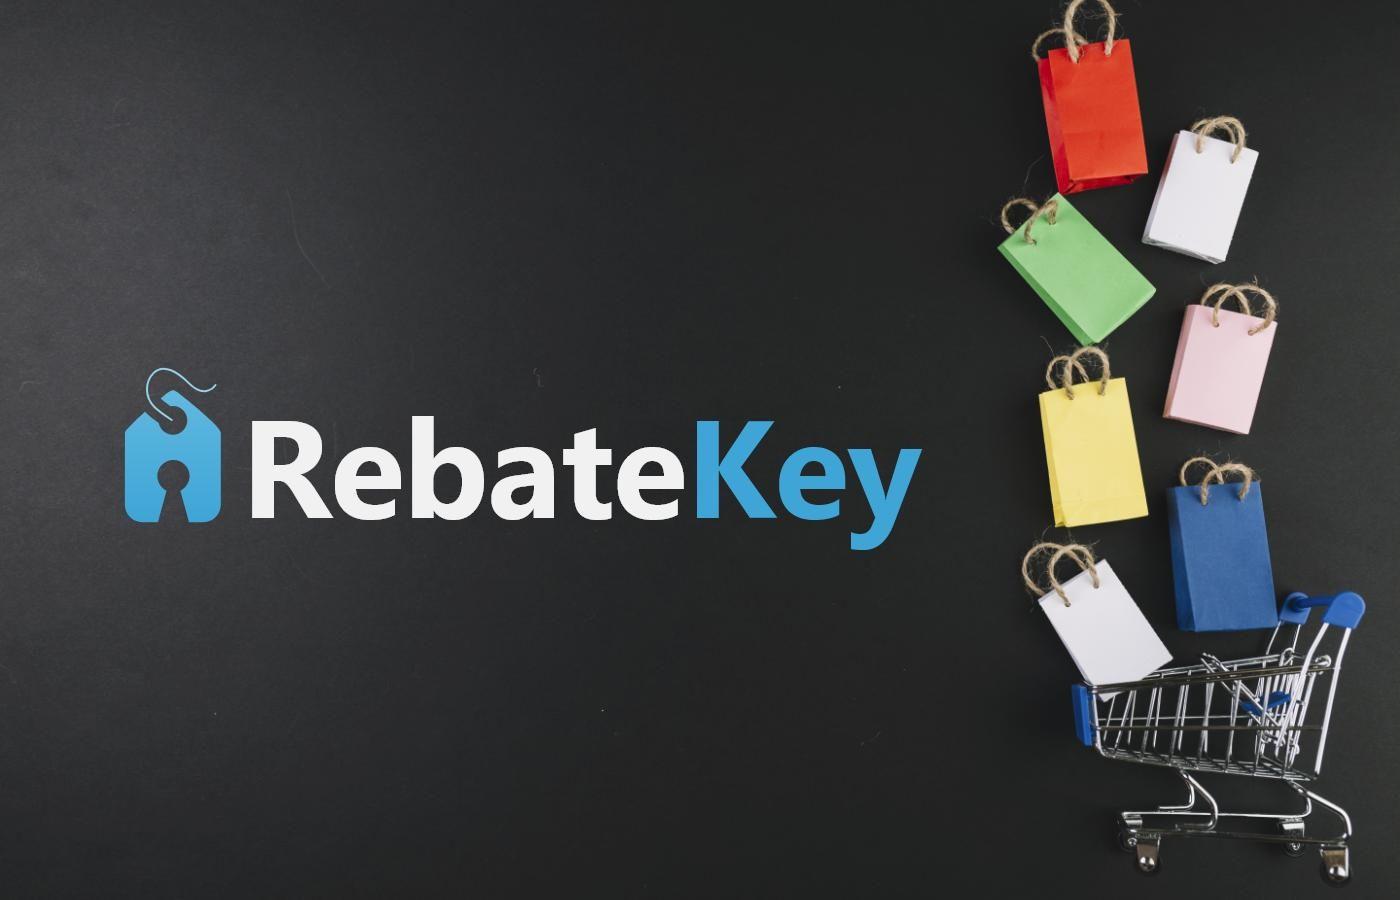 rebatekey review - is rebatekey legit?